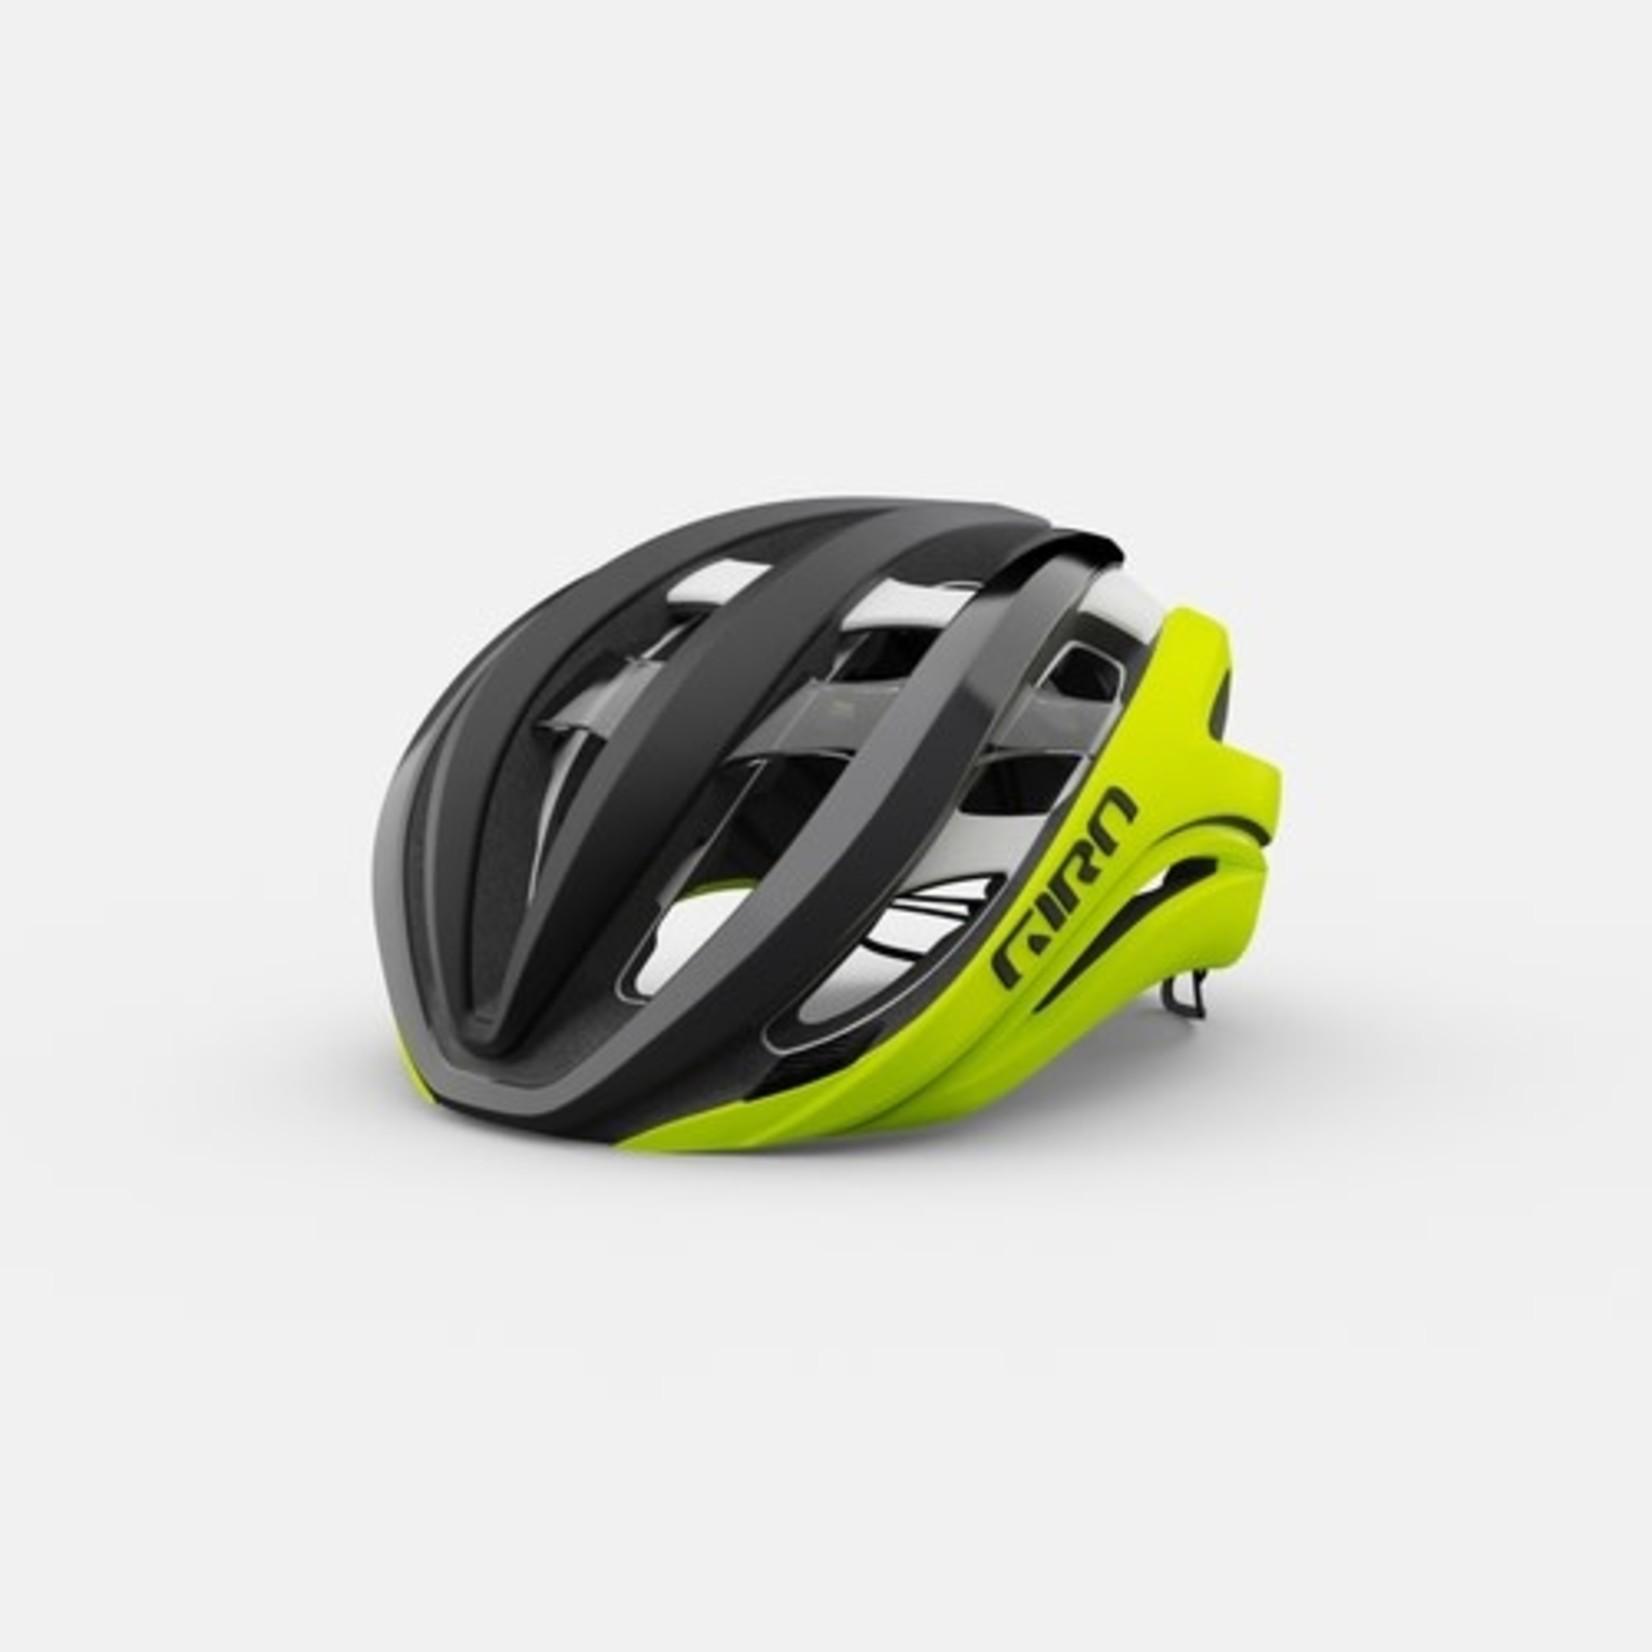 Giro Giro Aether Spherical Matte Black/Highlight Large